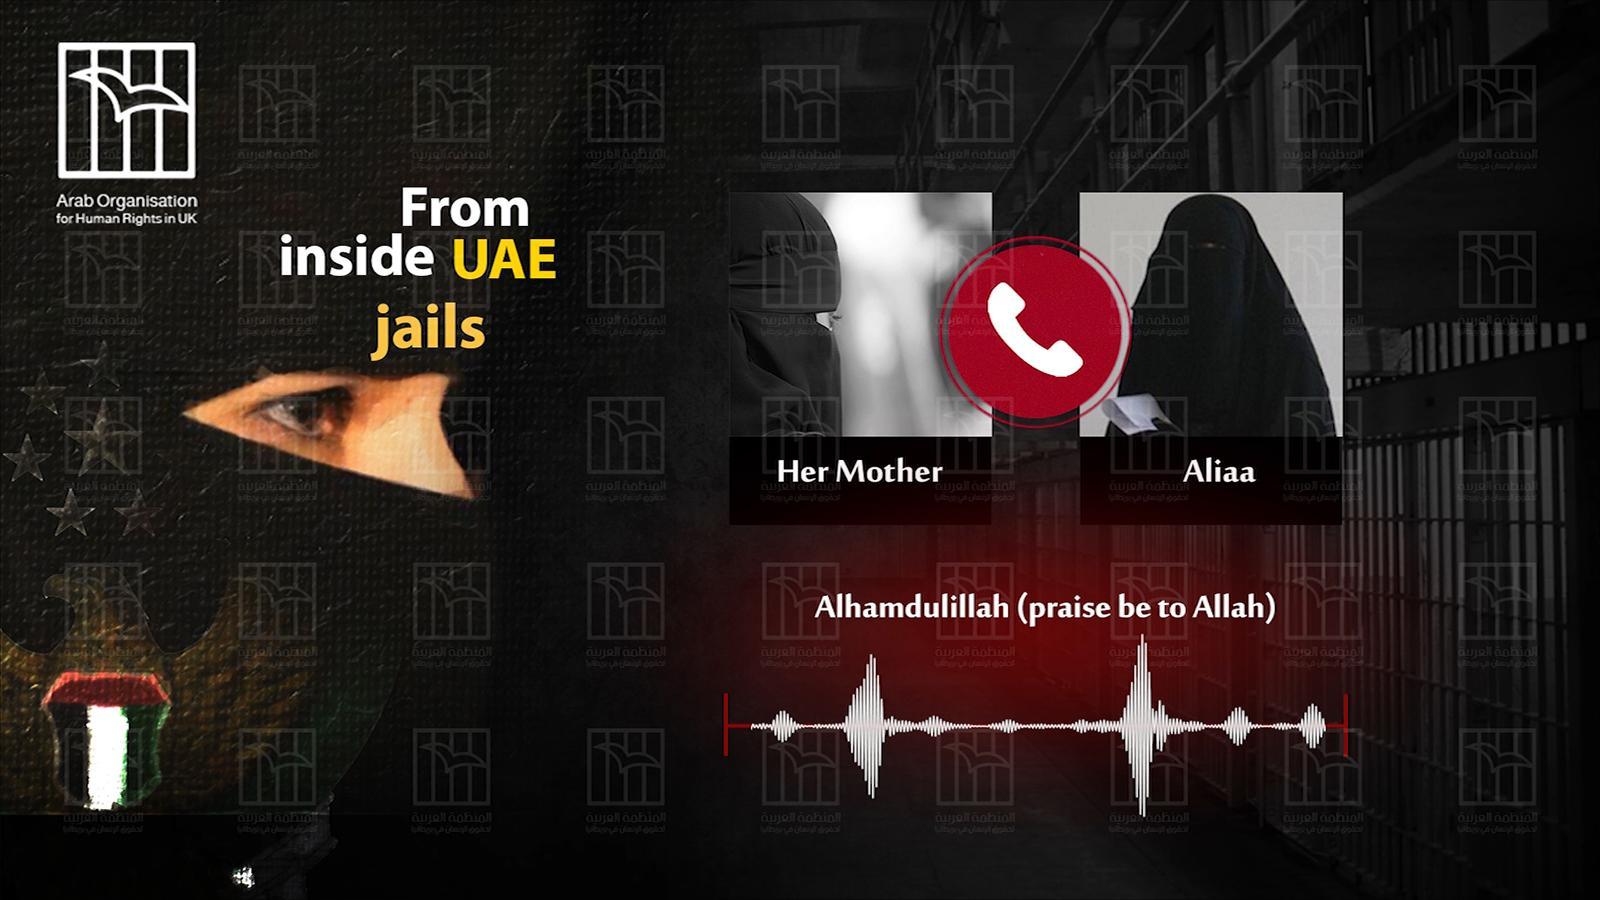 استشهاد المعتقلة الإماراتية علياء عبد النور في سجون أبوظبي